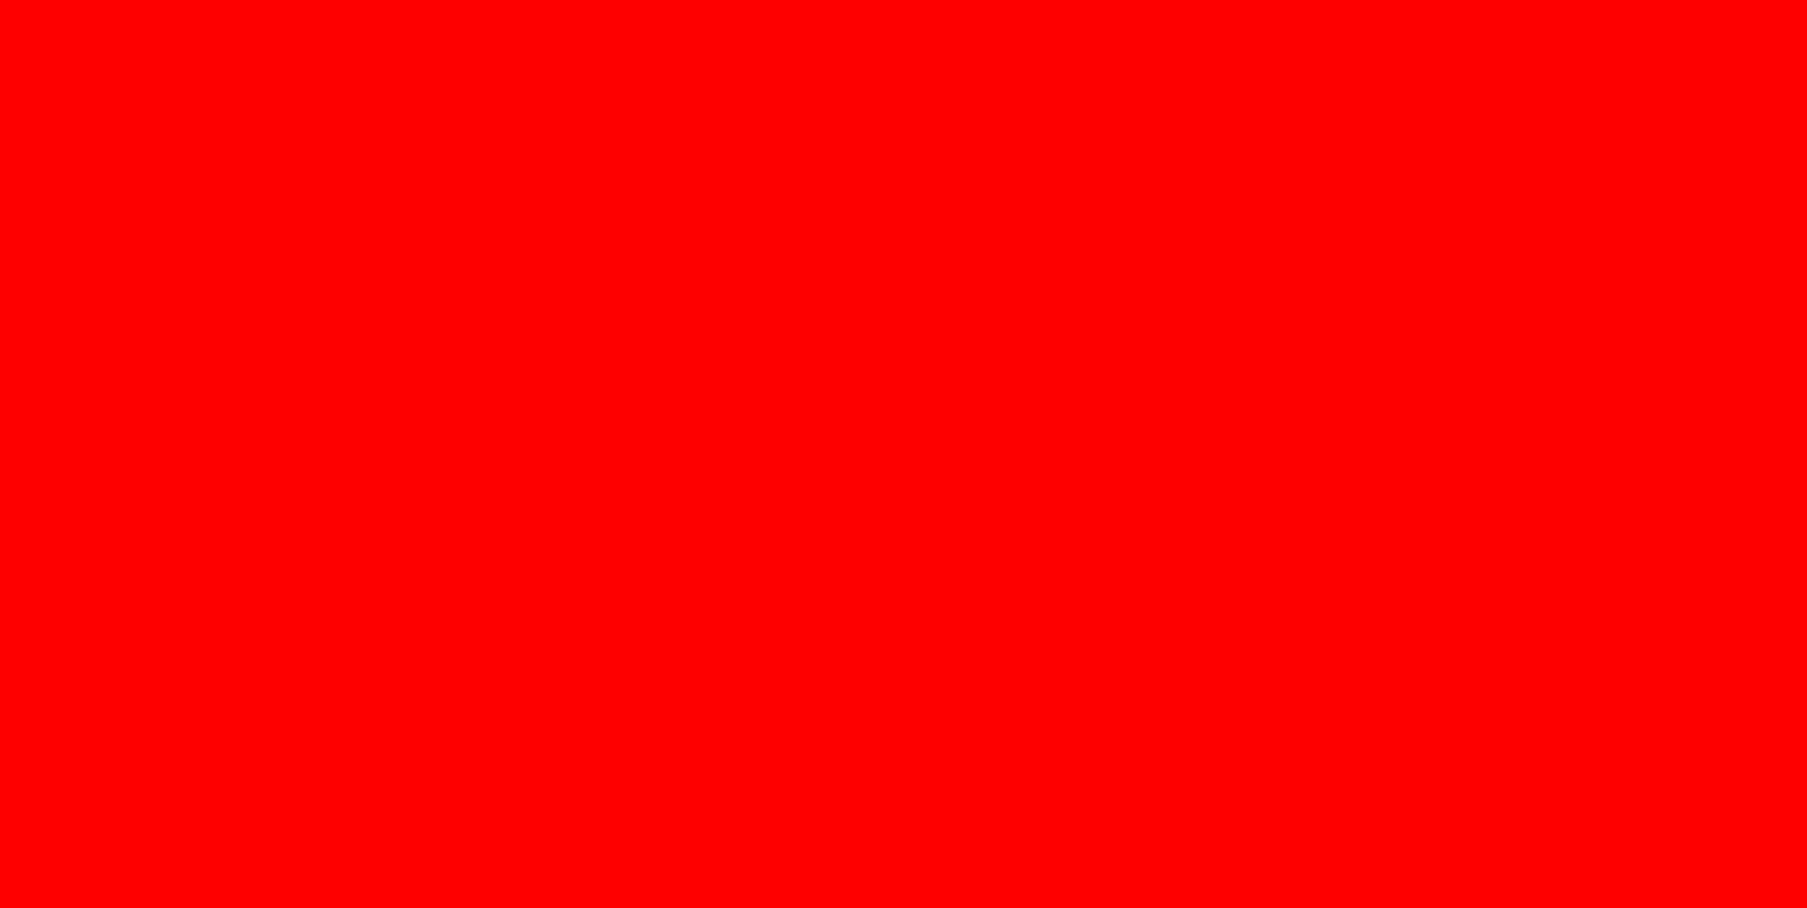 Fundo Vermelho.png